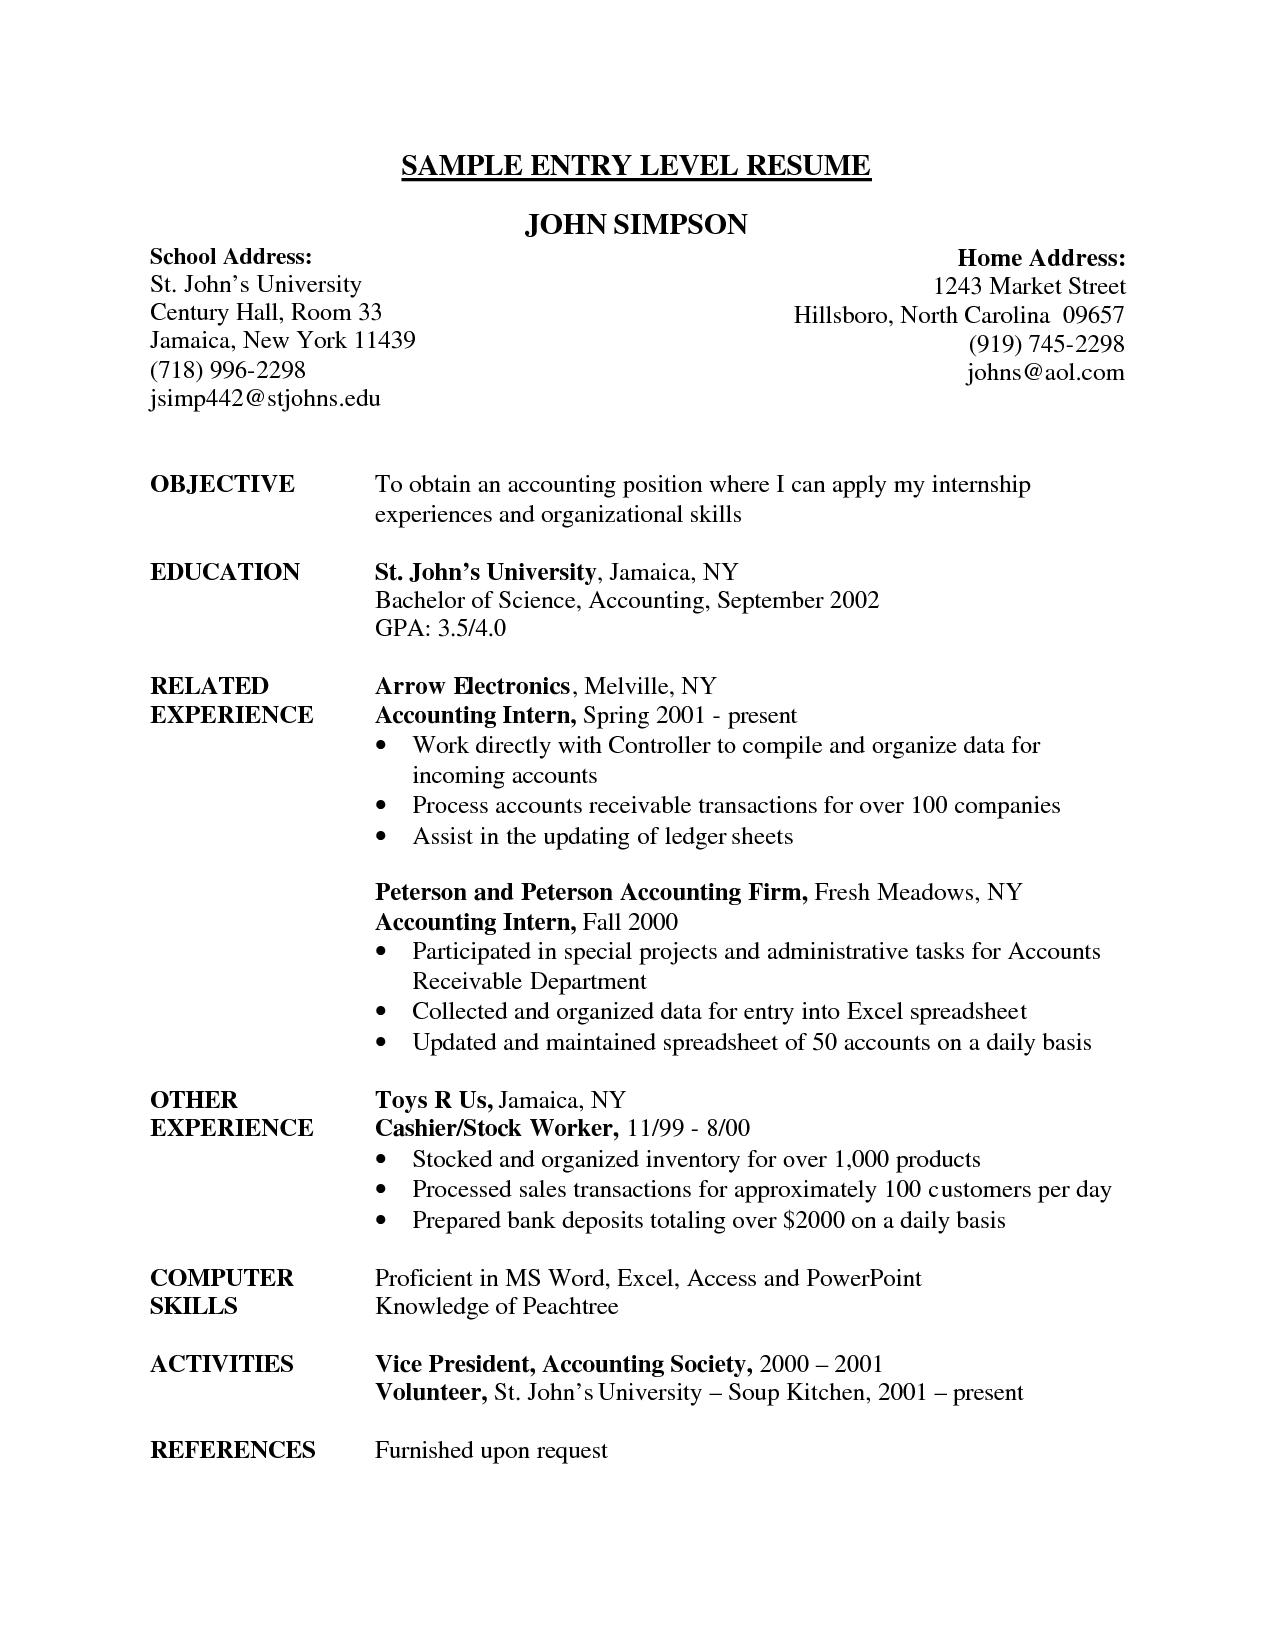 entry levelbanker sample resume